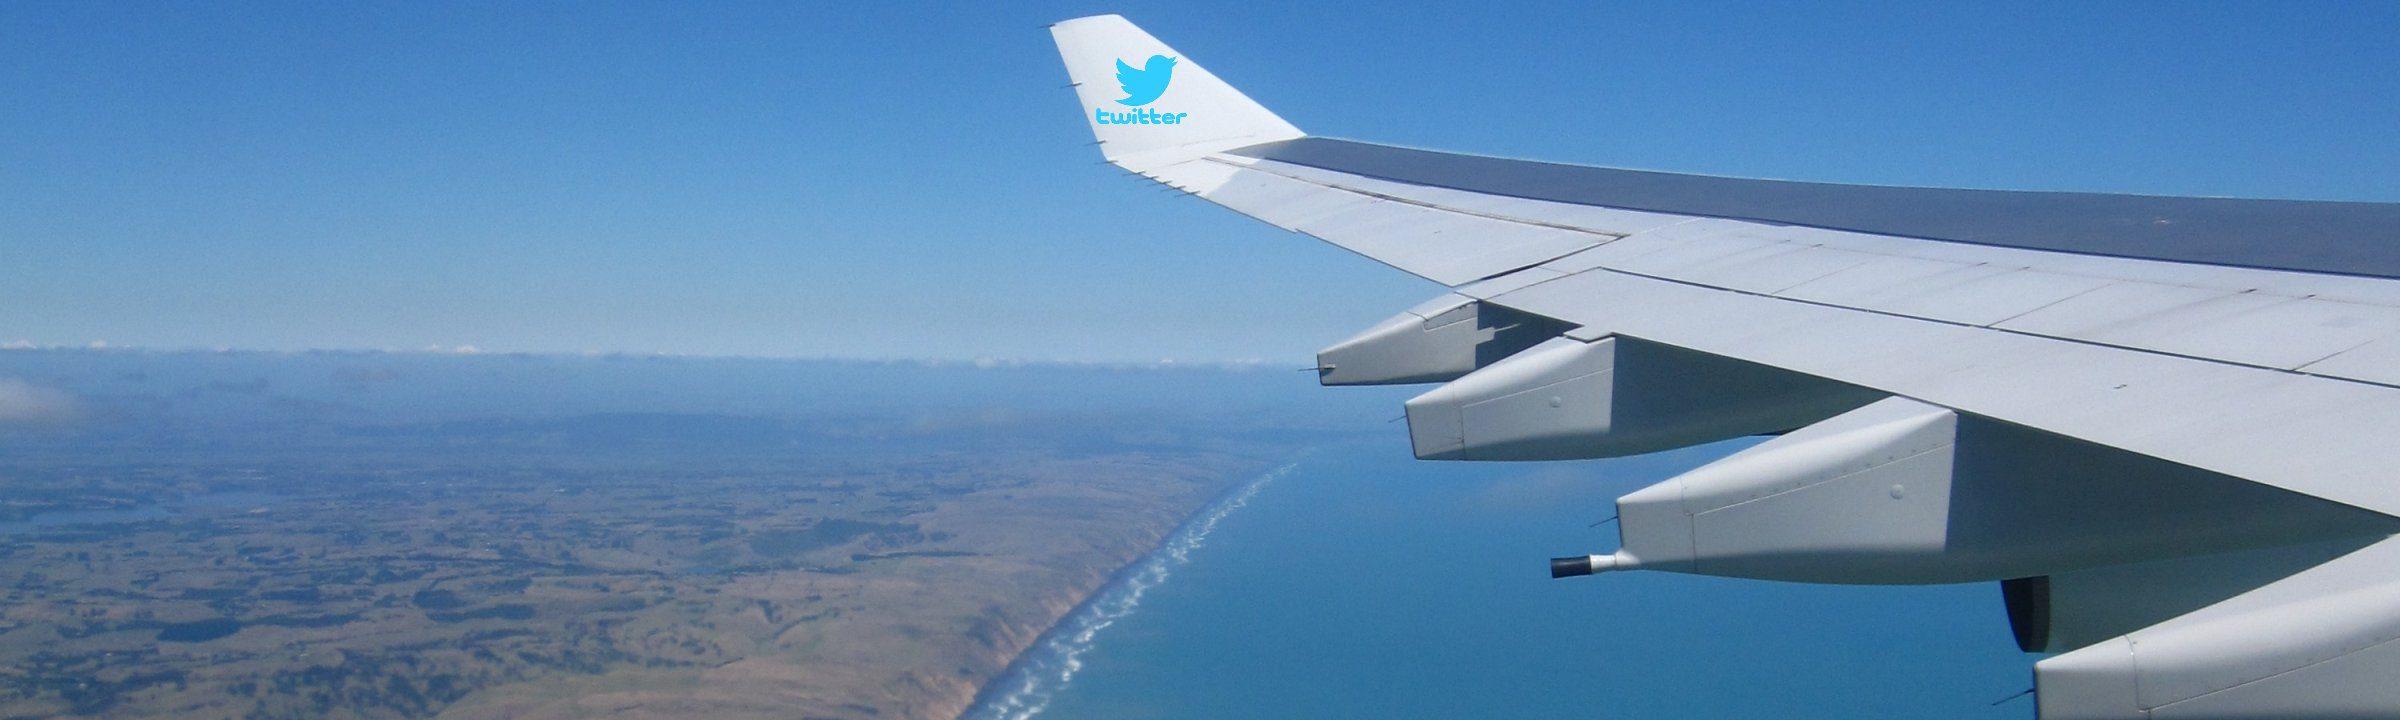 Flügel eines Flugzeugs, auf dem Weg nach Neuseeland